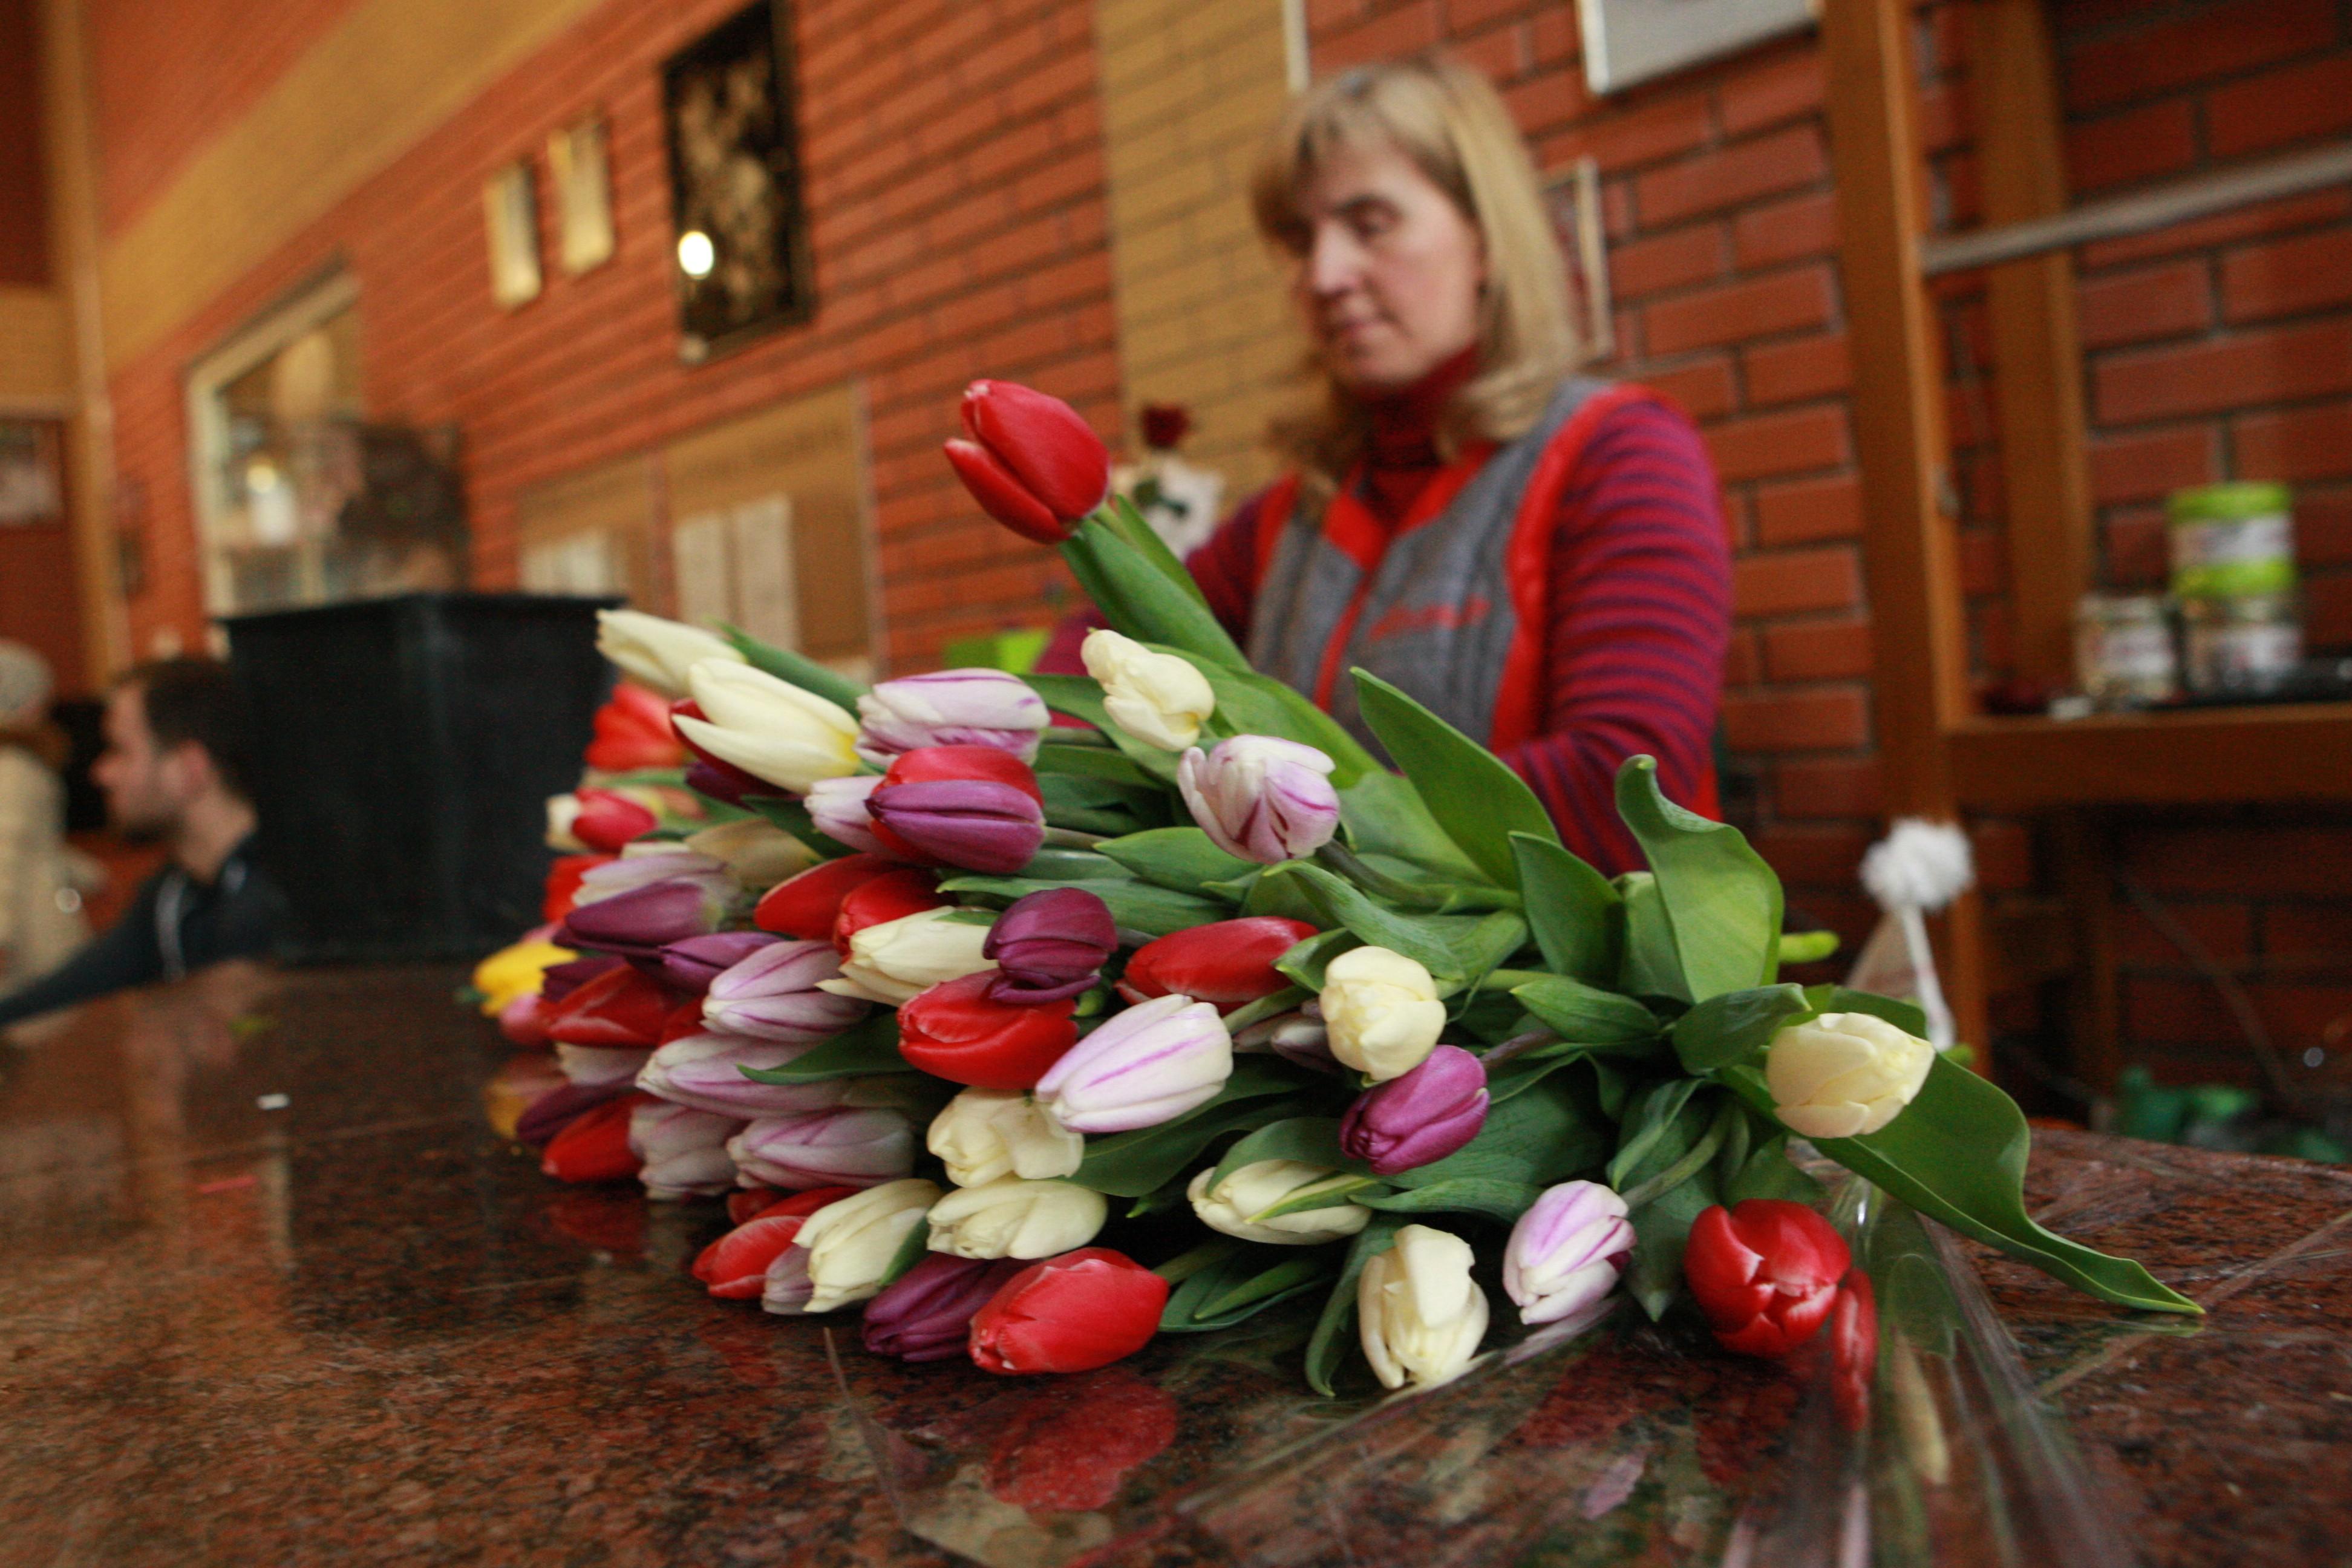 Новые тарифы, повышение зарплат и выходные под вопросом: как изменится жизнь украинцев в марте, фото-5